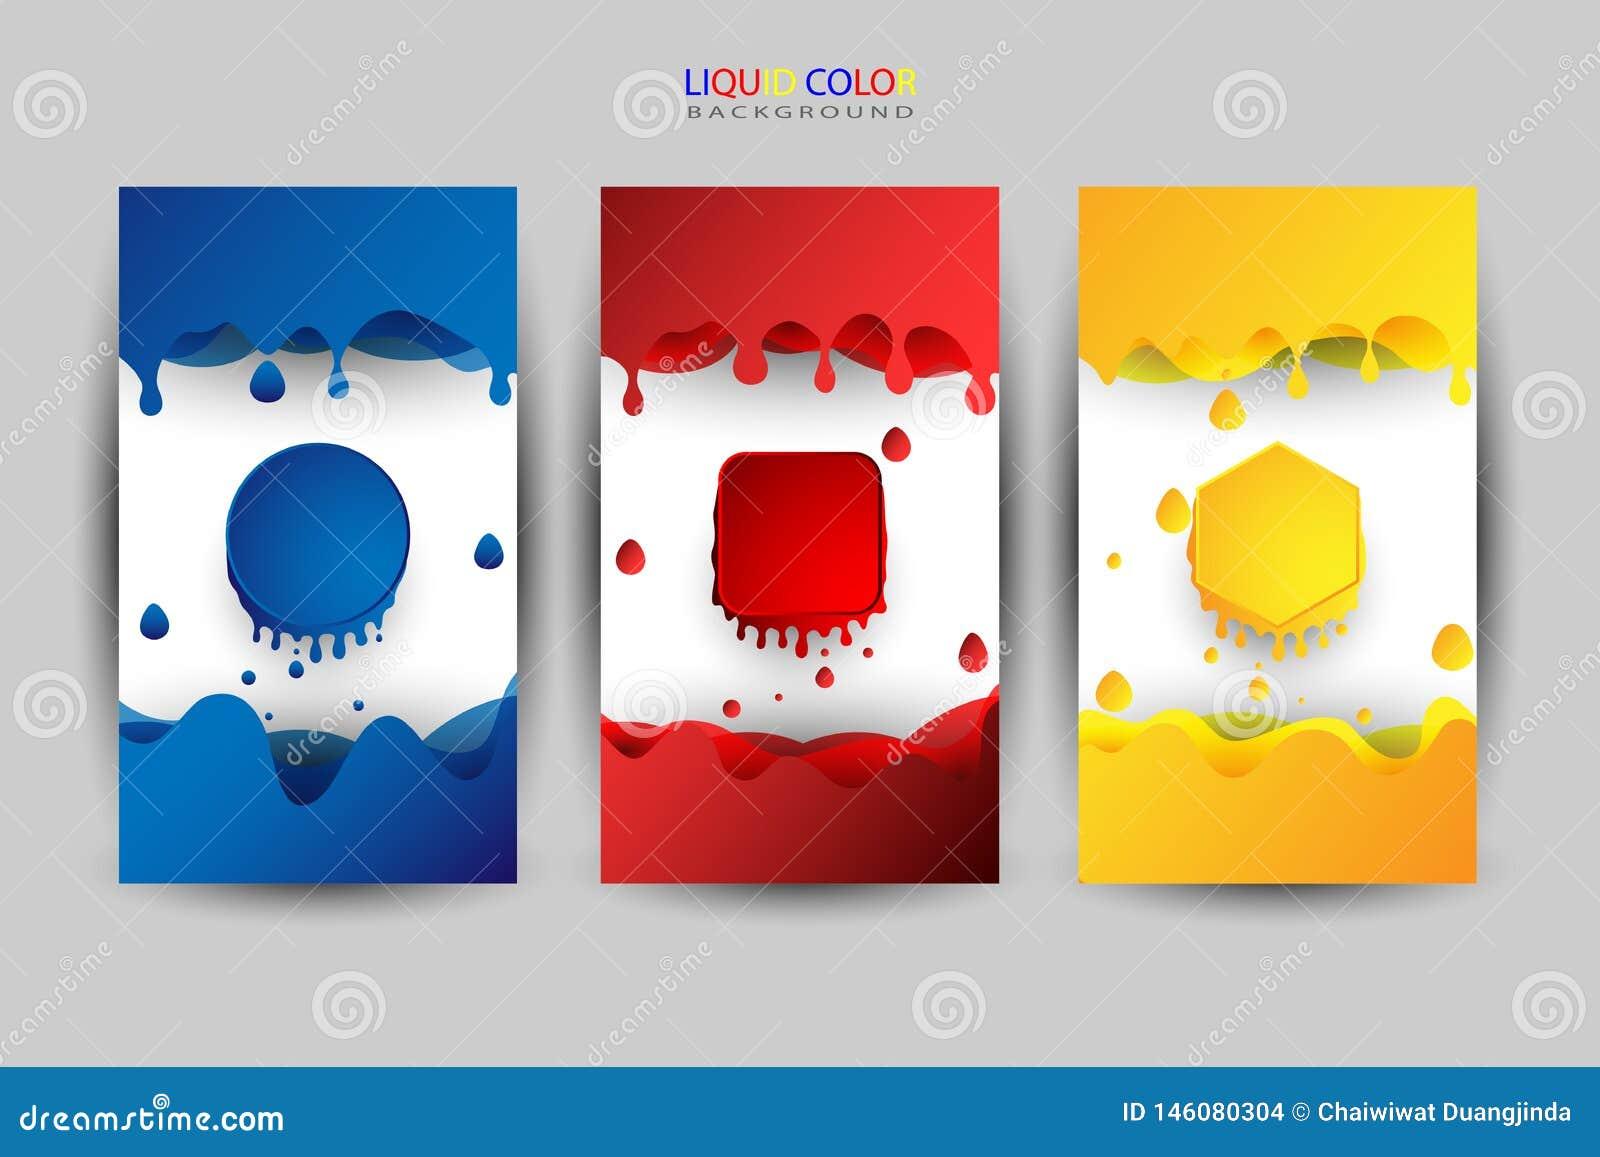 Жидкостный набор цвета, различные цвета как предпосылка